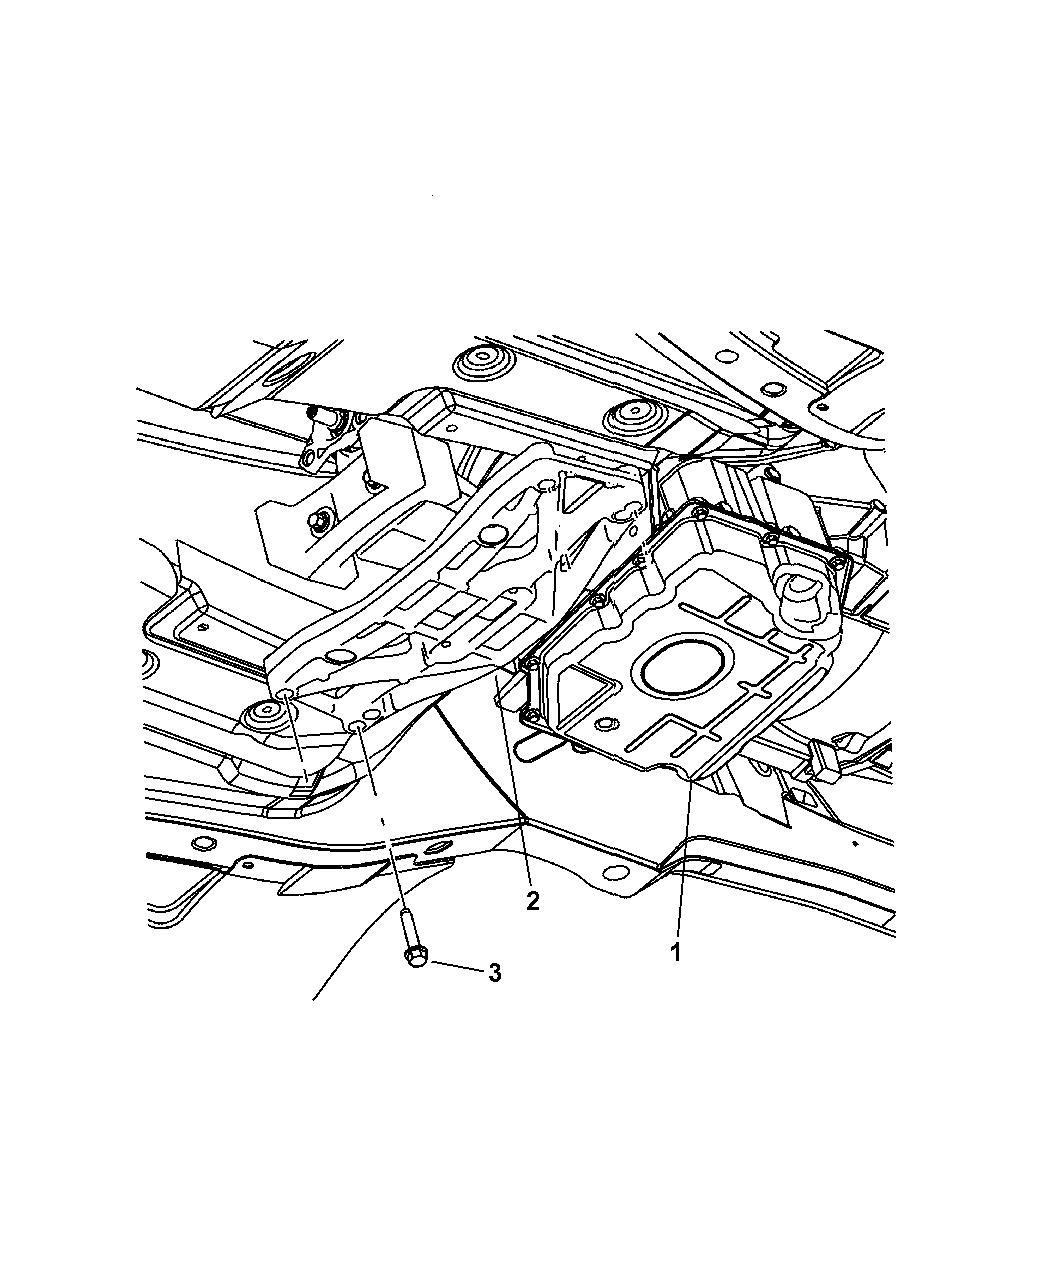 2005 chrysler 300 transmission crossmember to body